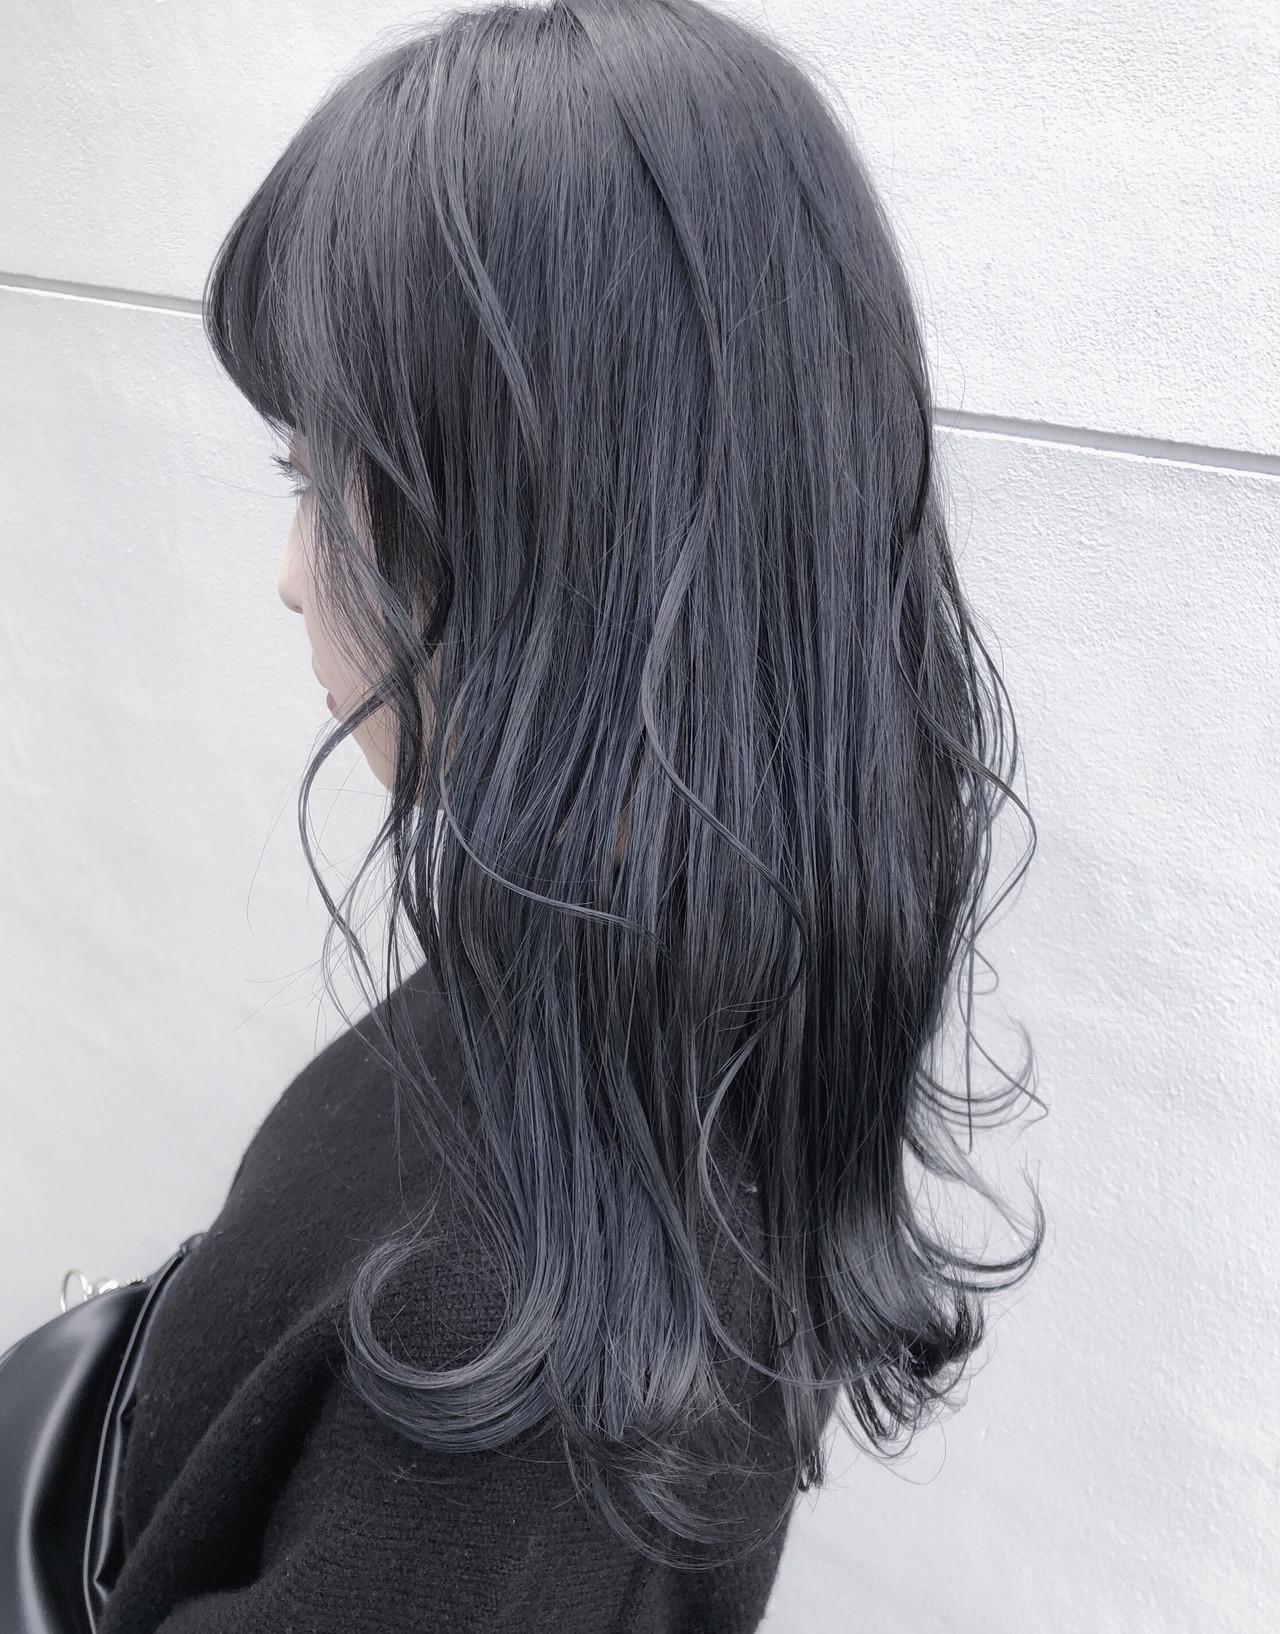 暗髪 セミロング ナチュラル ネイビーアッシュ ヘアスタイルや髪型の写真・画像